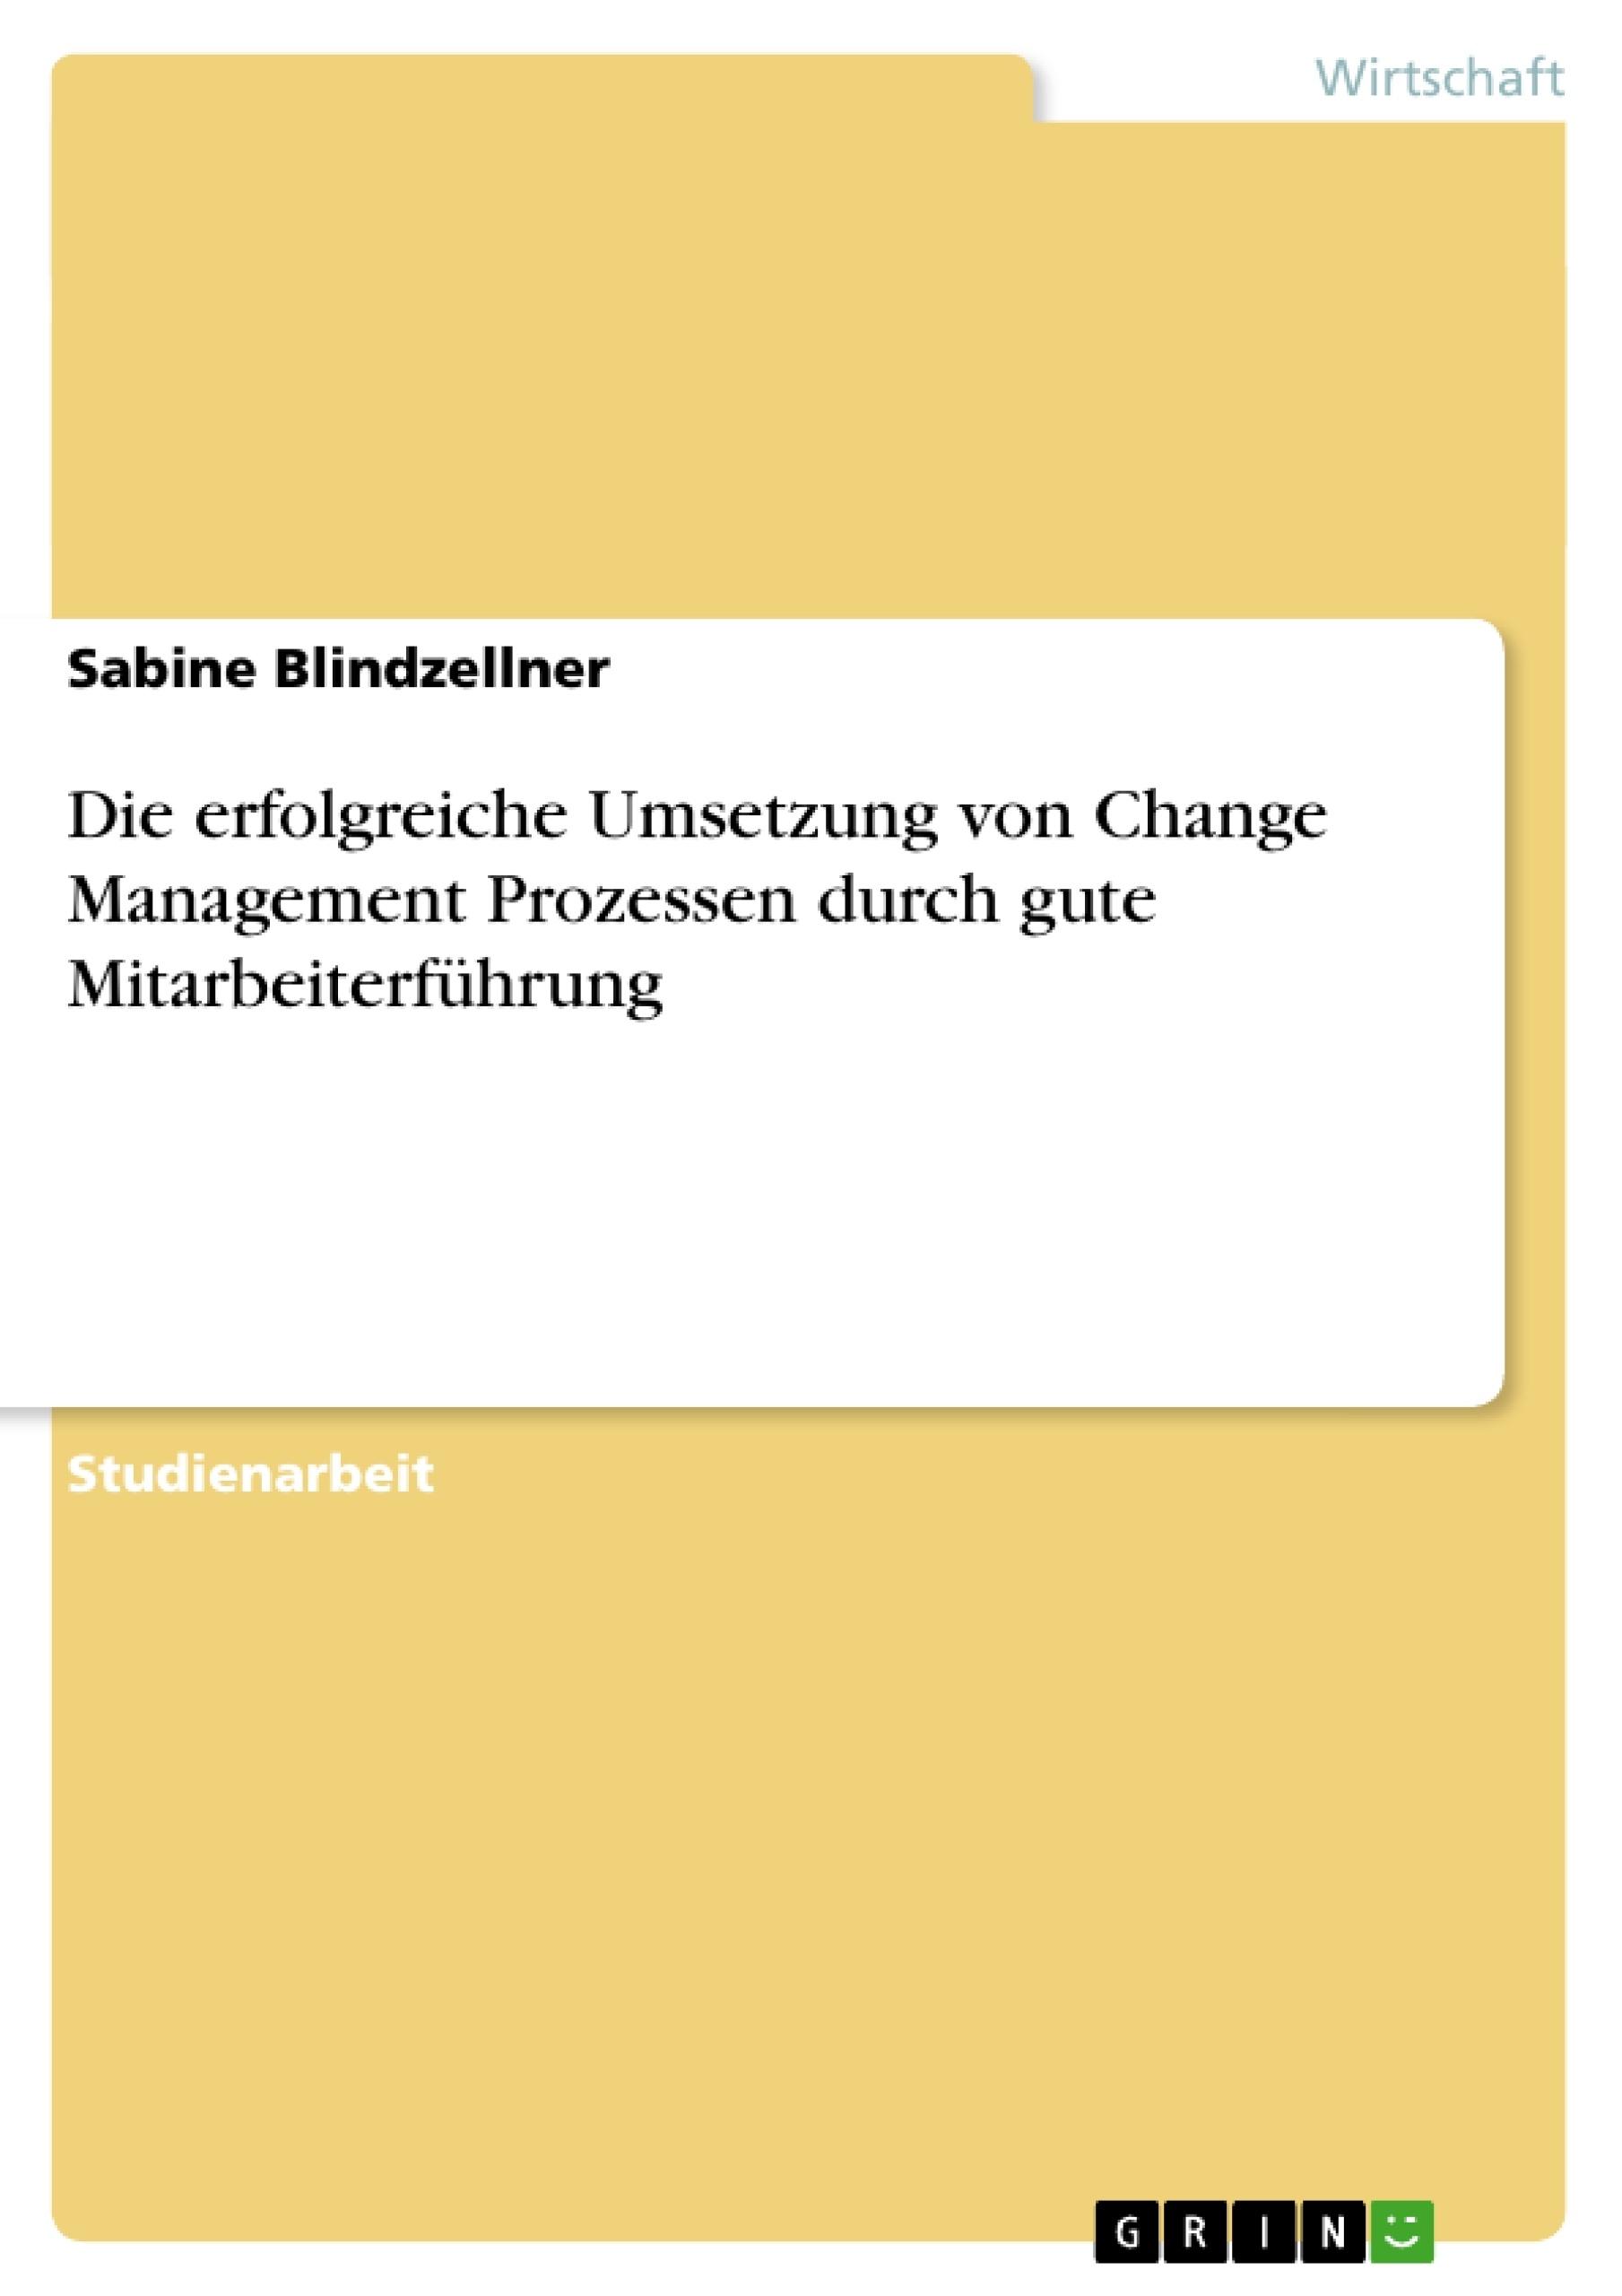 Titel: Die erfolgreiche Umsetzung von Change Management Prozessen durch gute Mitarbeiterführung